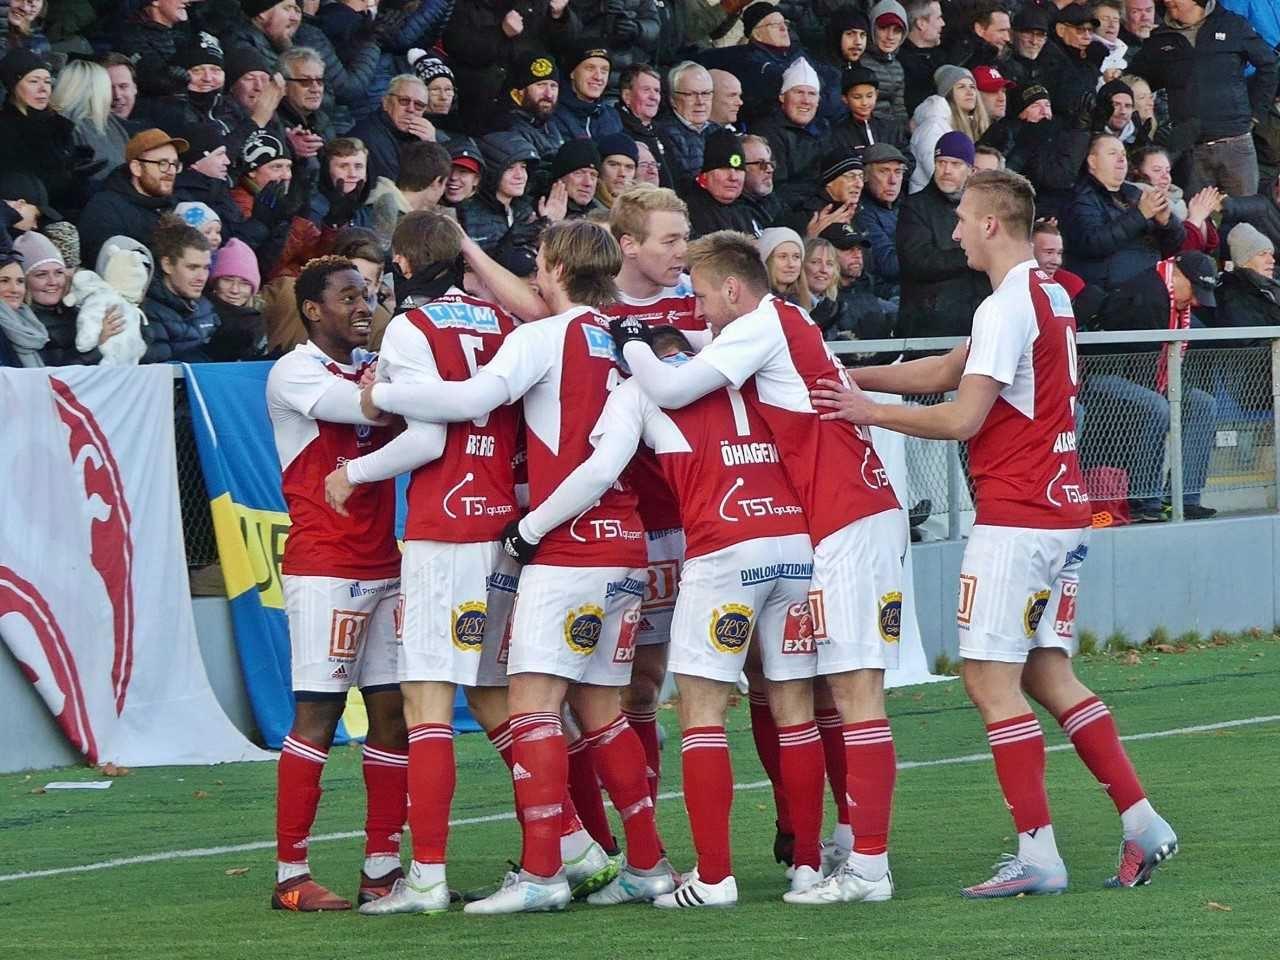 Sandvikens IF-Carlstad United